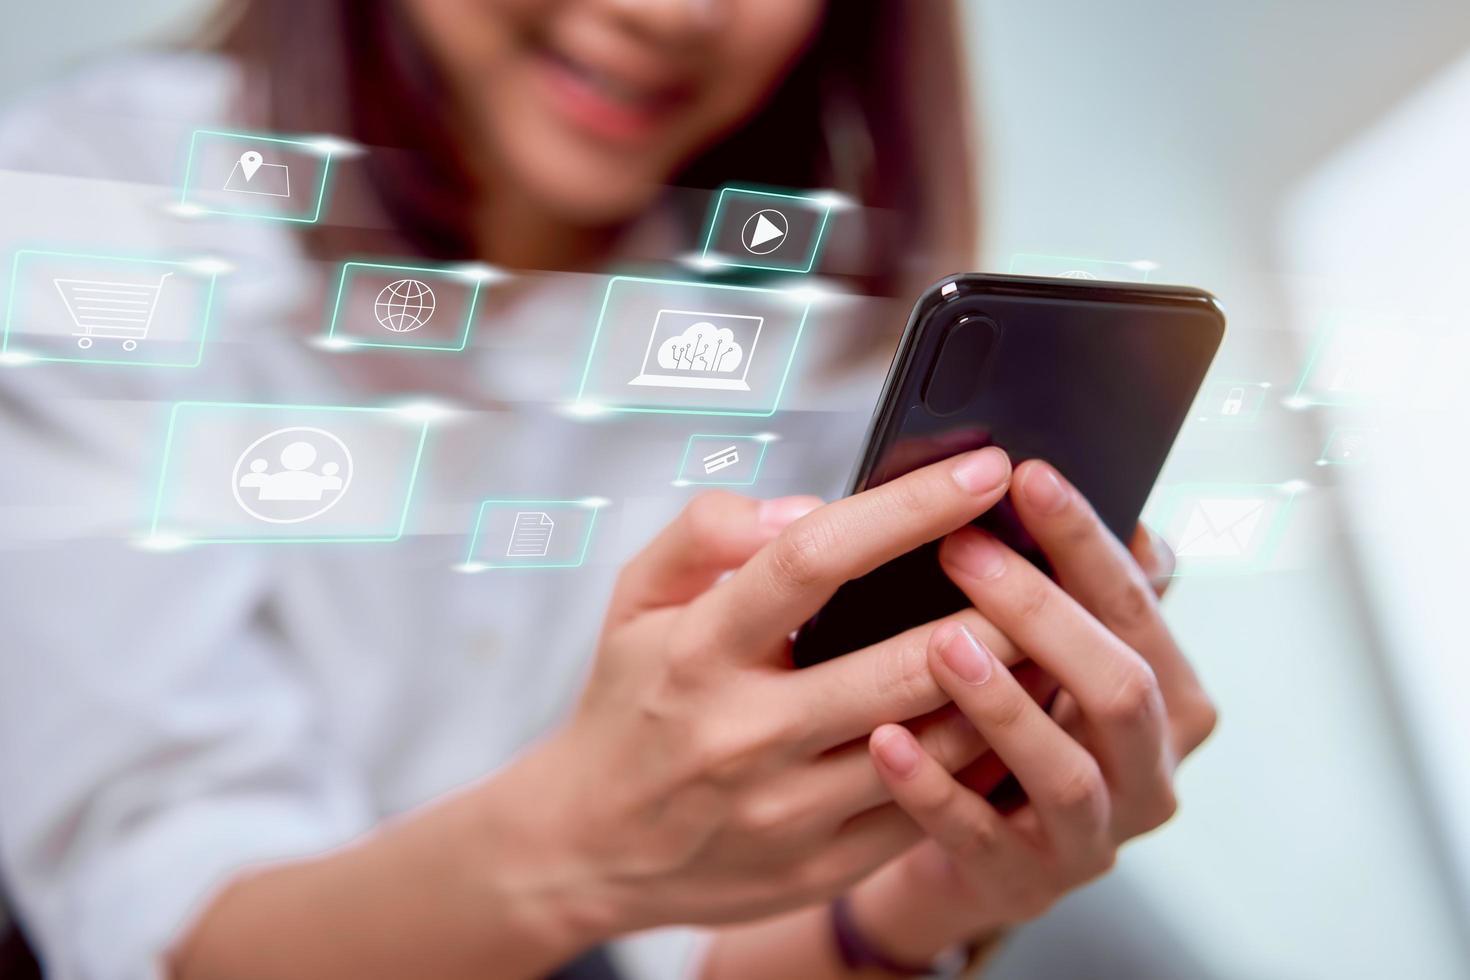 femme tenant un smartphone avec des icônes de médias sociaux affichées photo